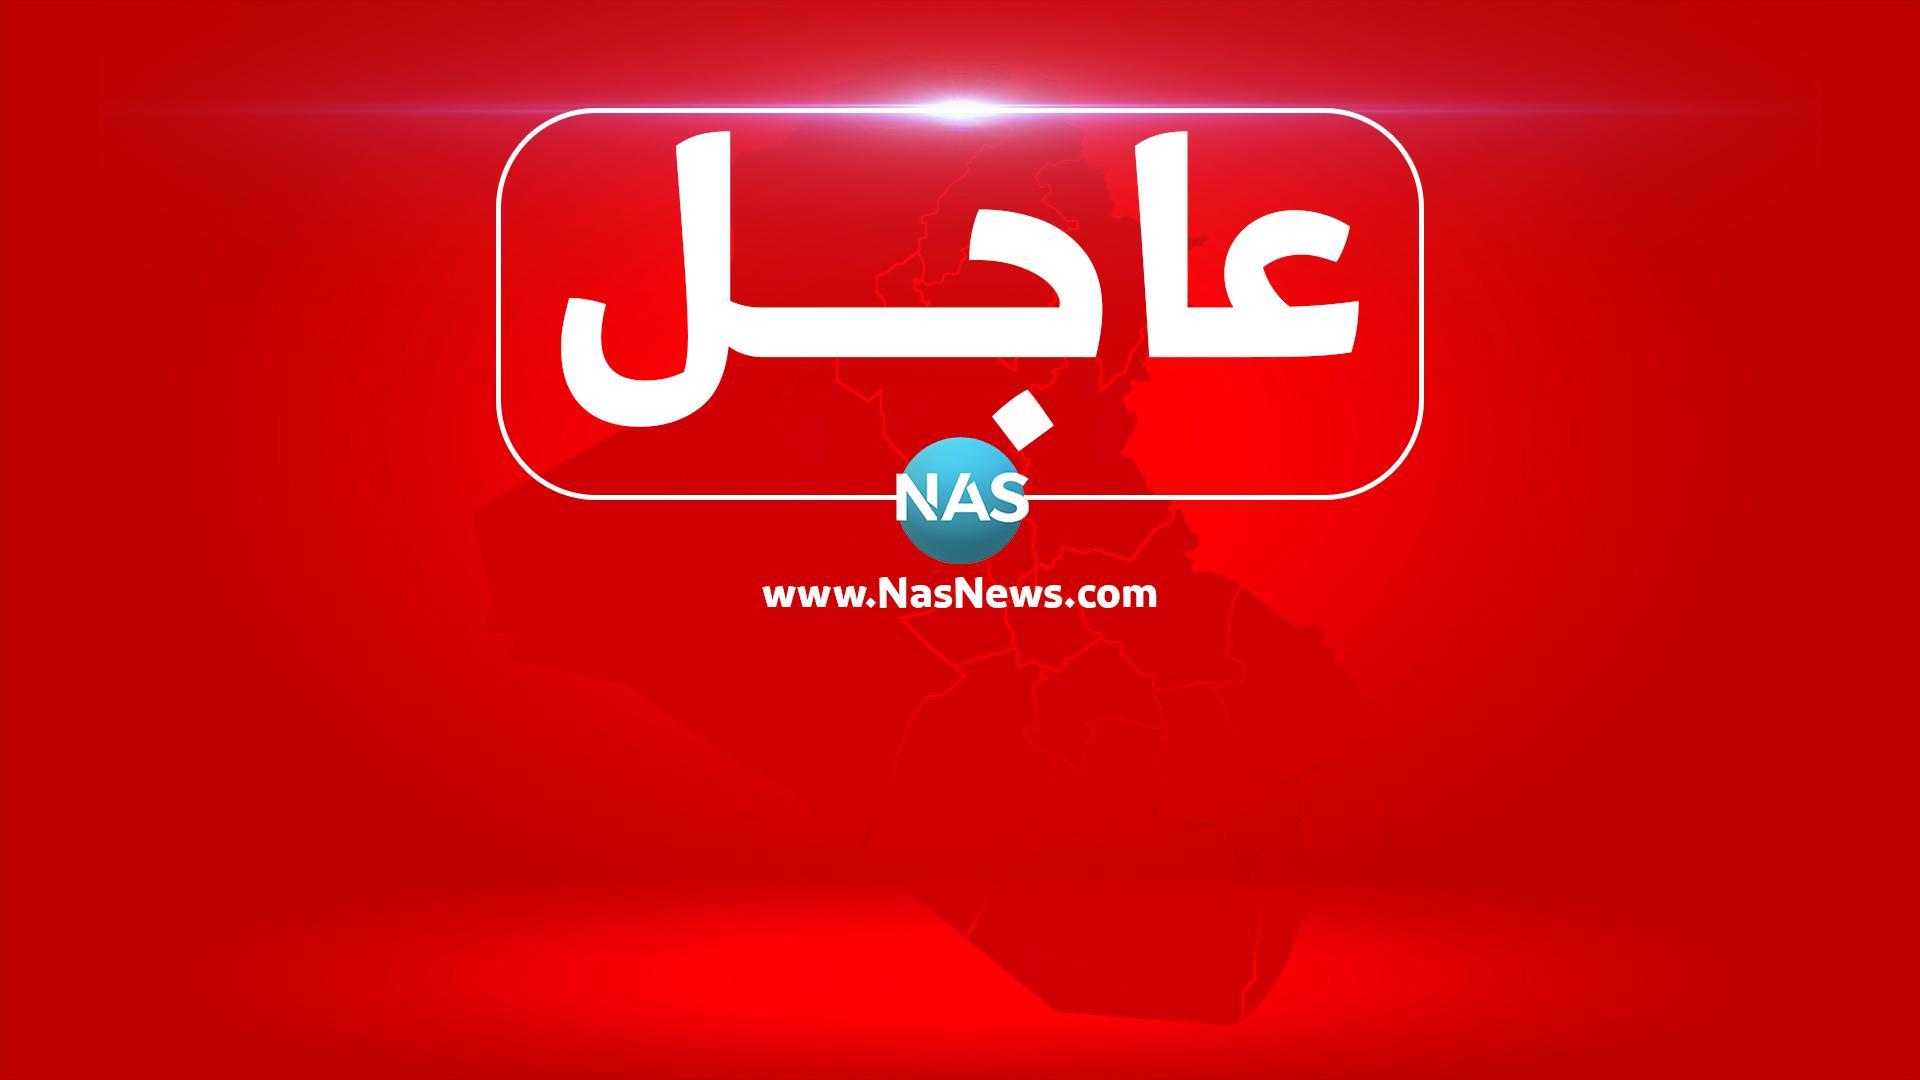 مكتب رئيس الوزراء يعلن تفاصيل المكالمة بين الكاظمي وجو بايدن